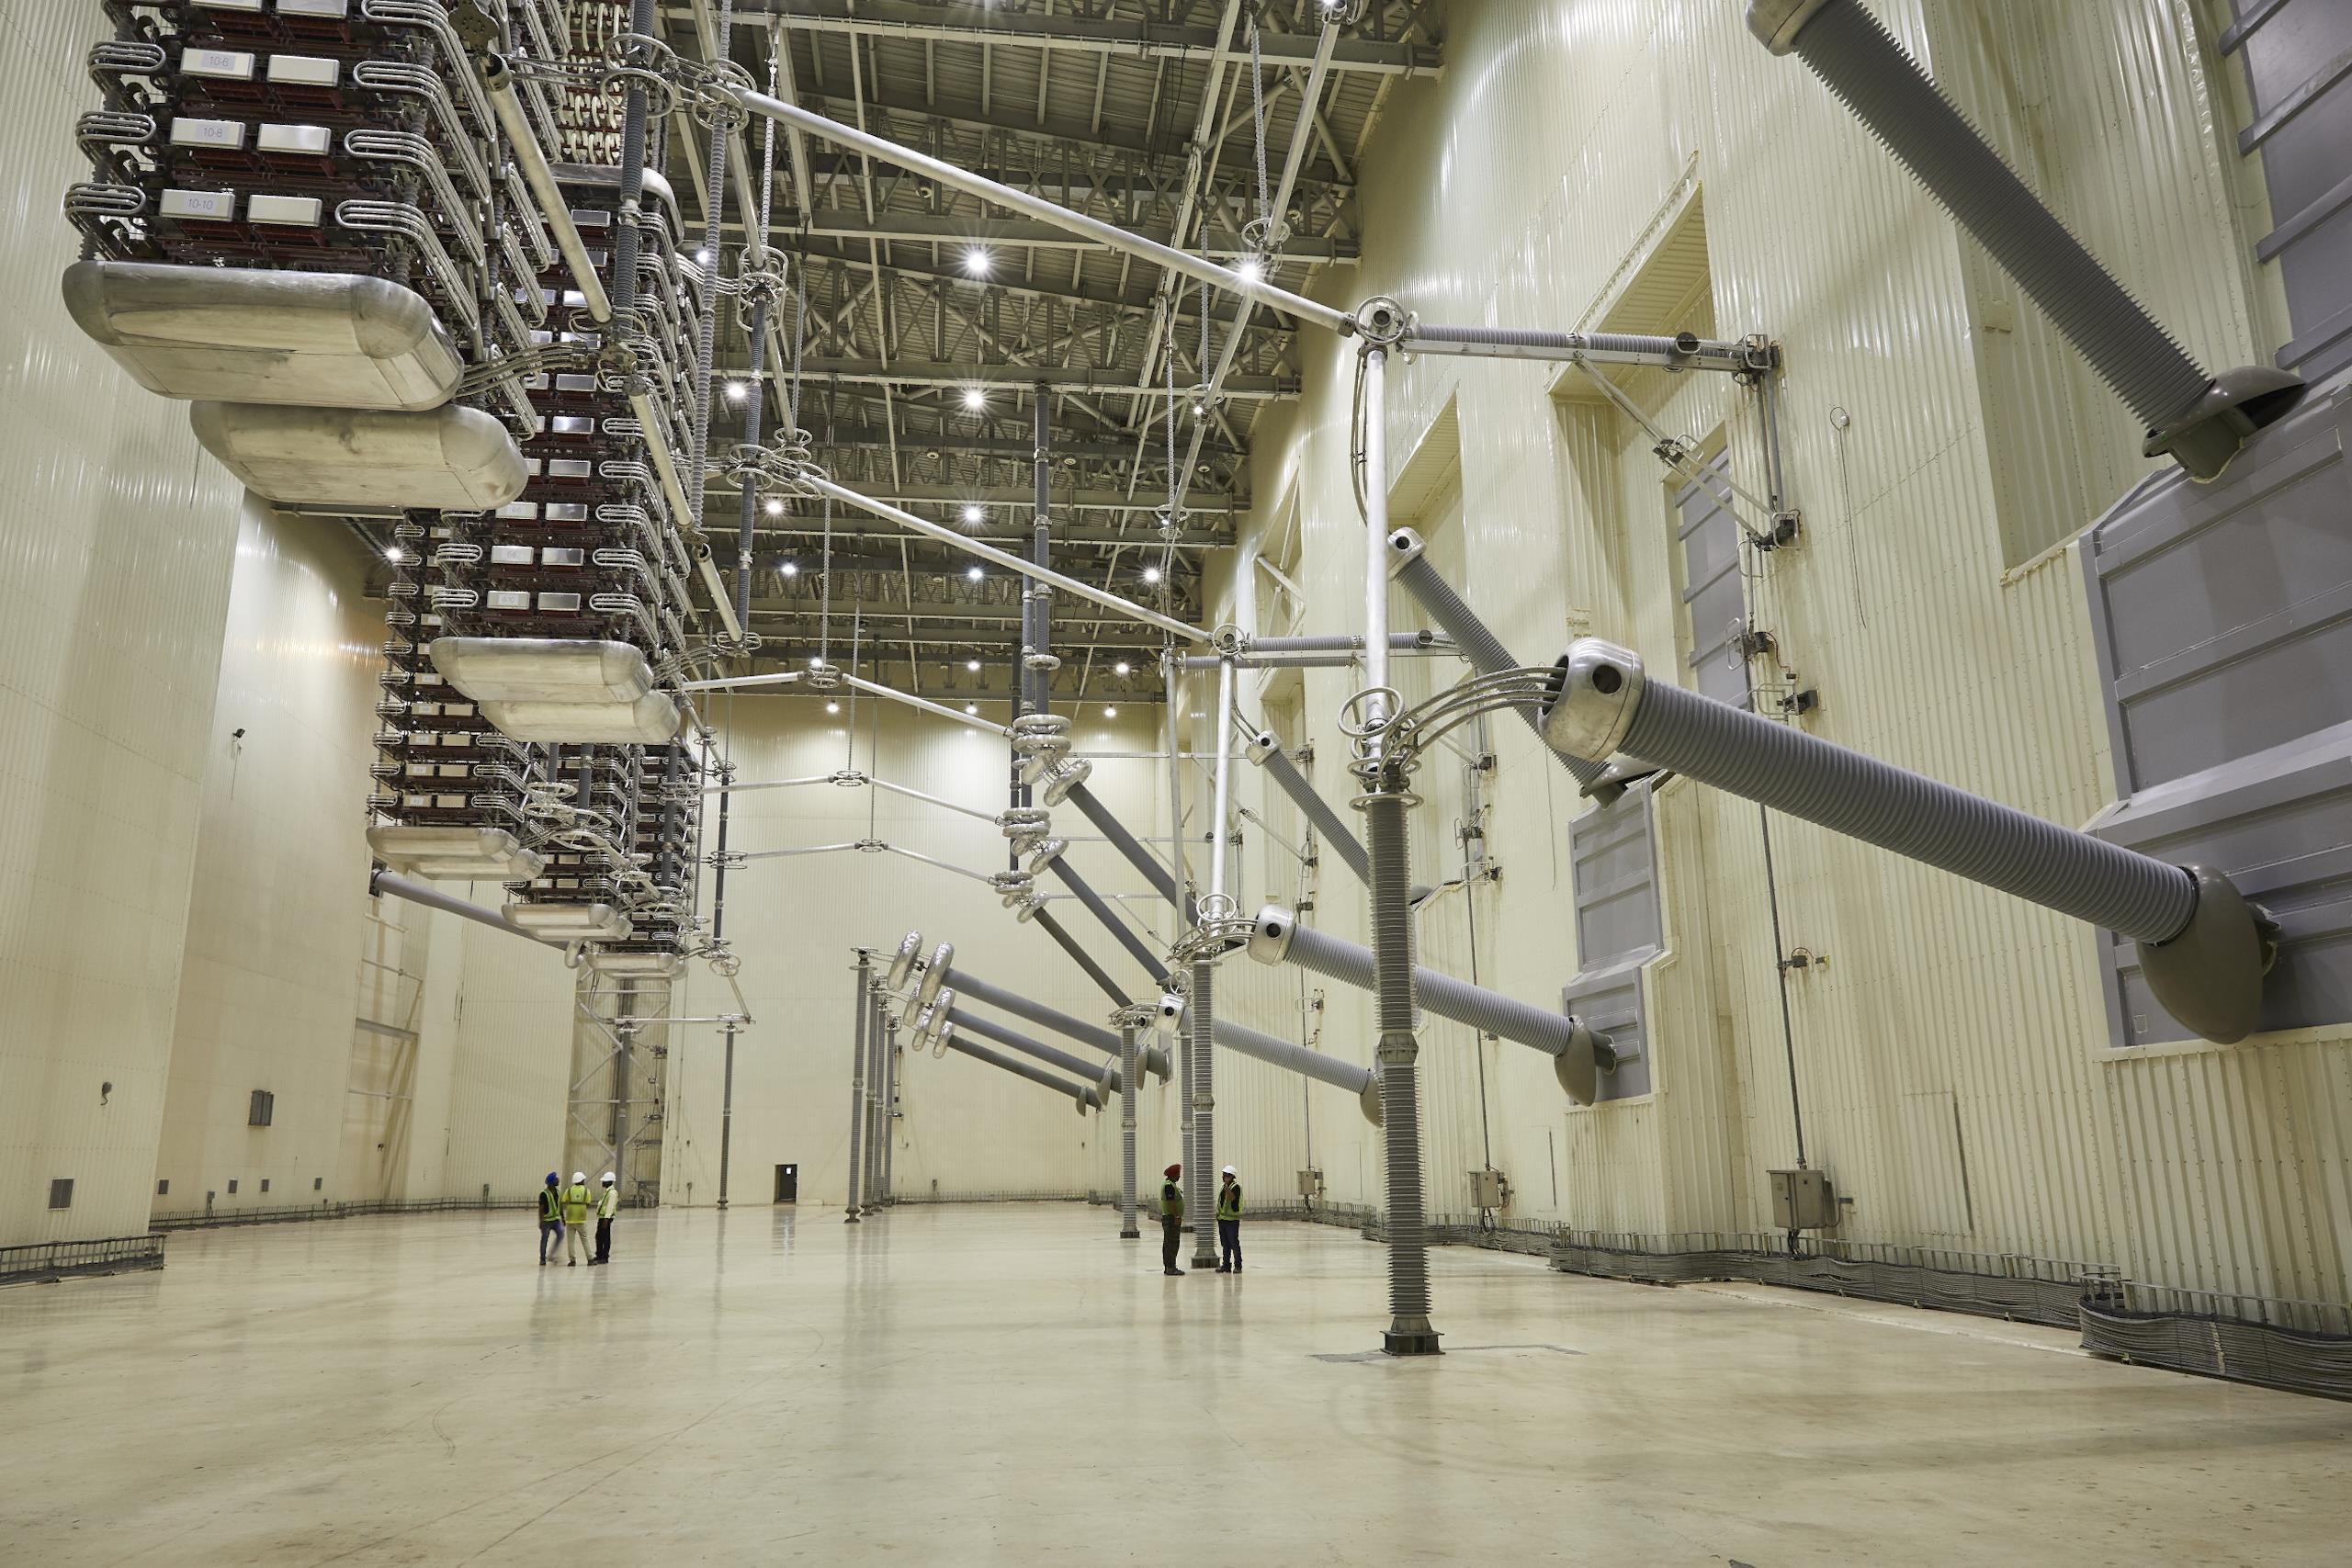 到2023年全球输配电设备需求将达1720亿美元